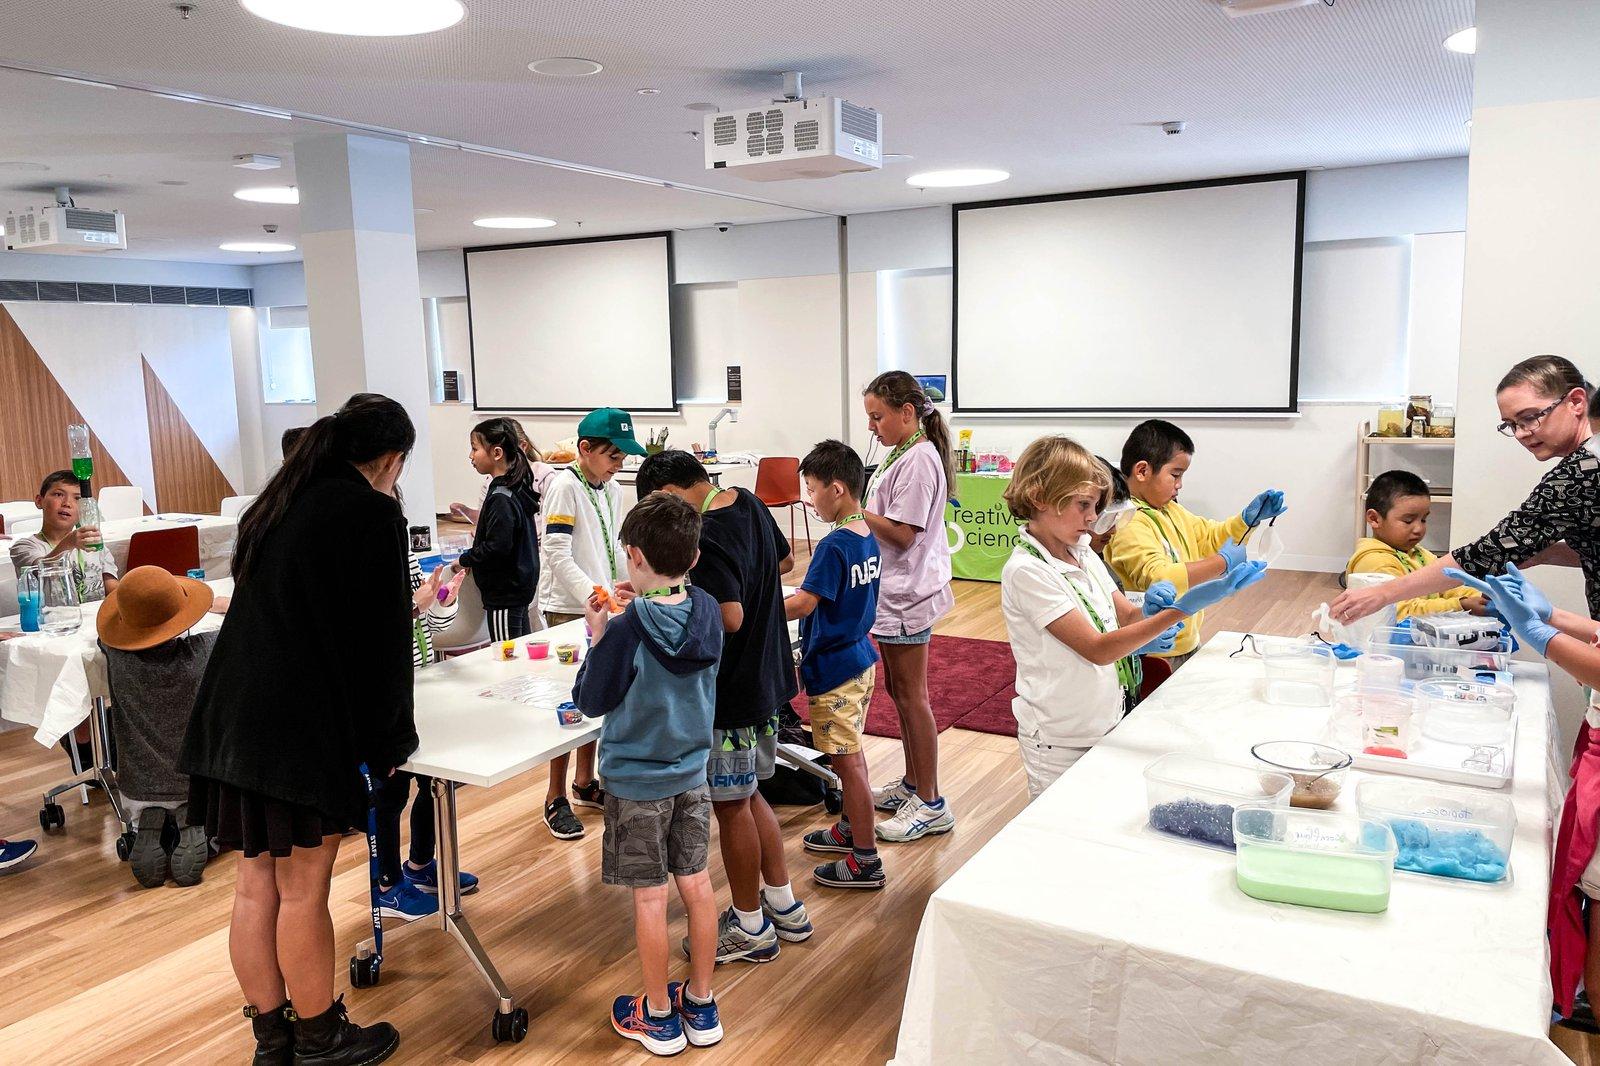 Hands-on slime workshop